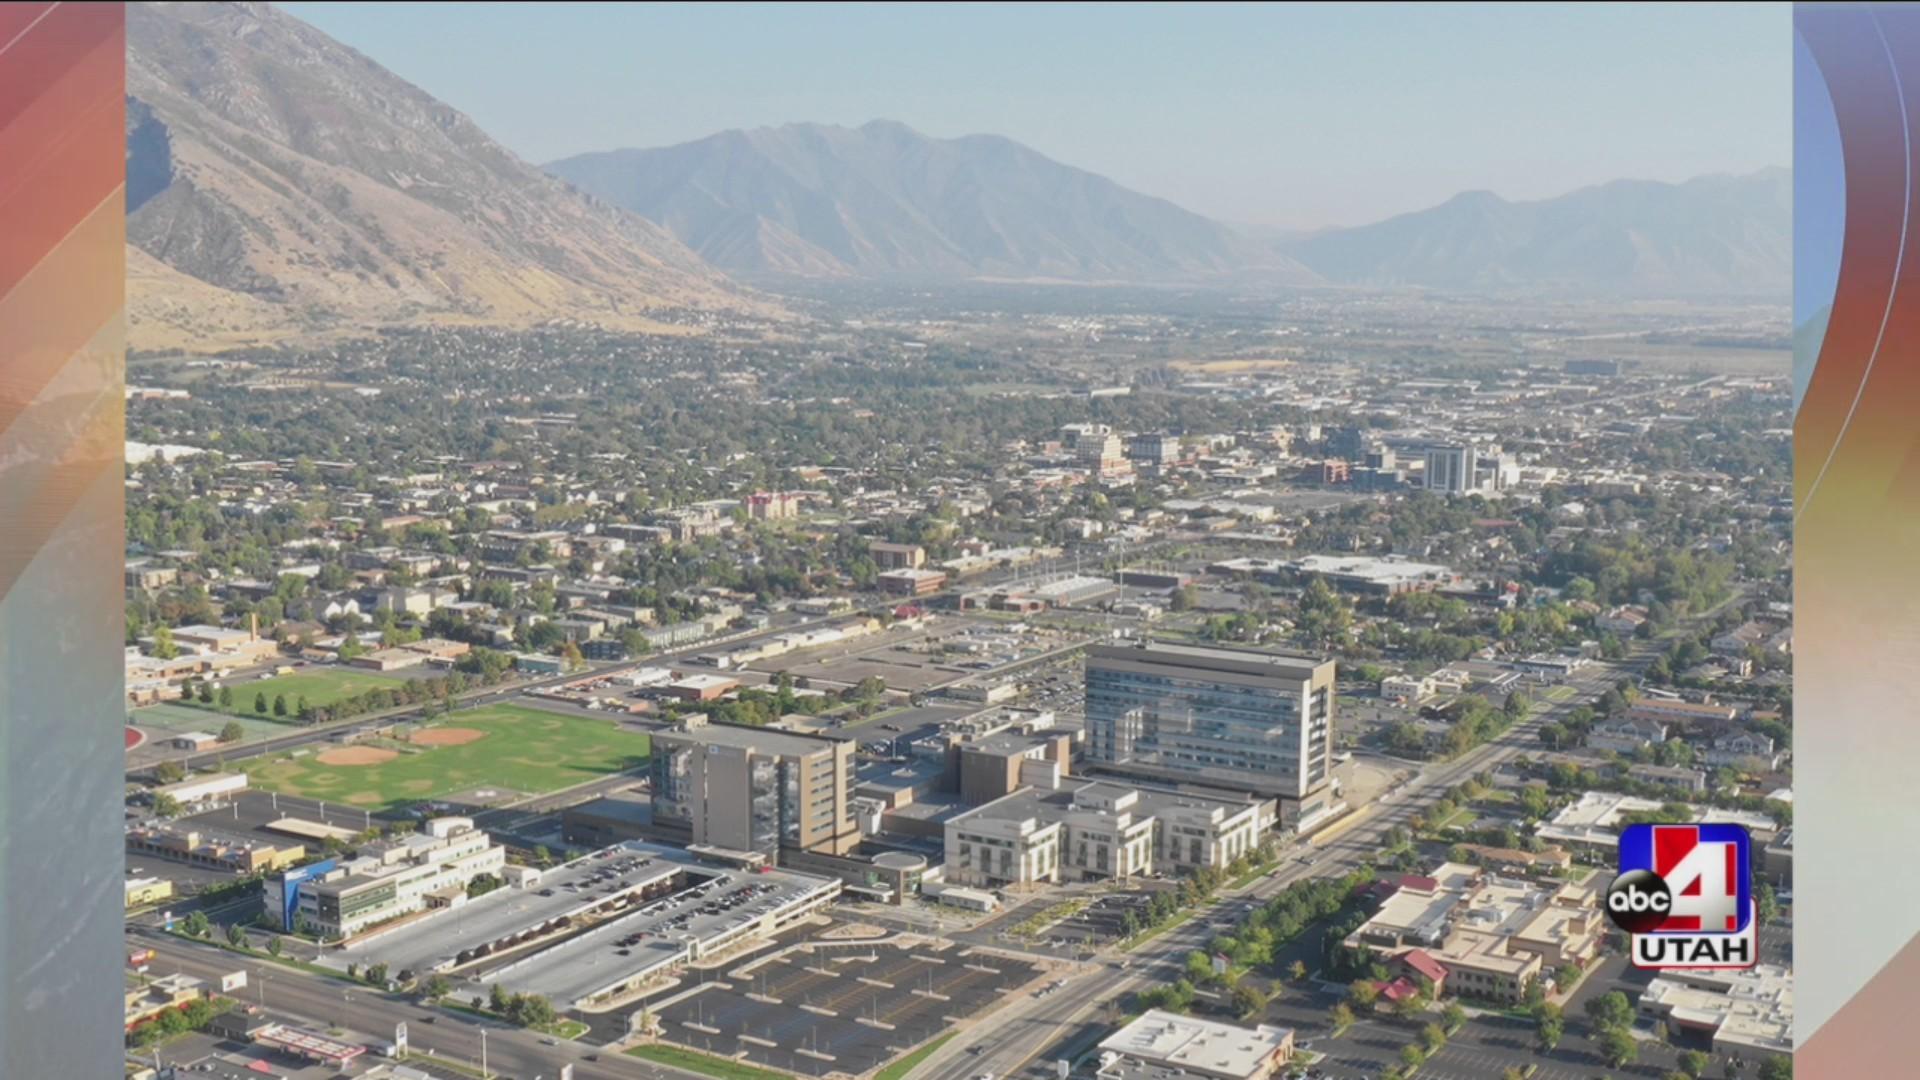 Intermountain Utah Valley Hospital